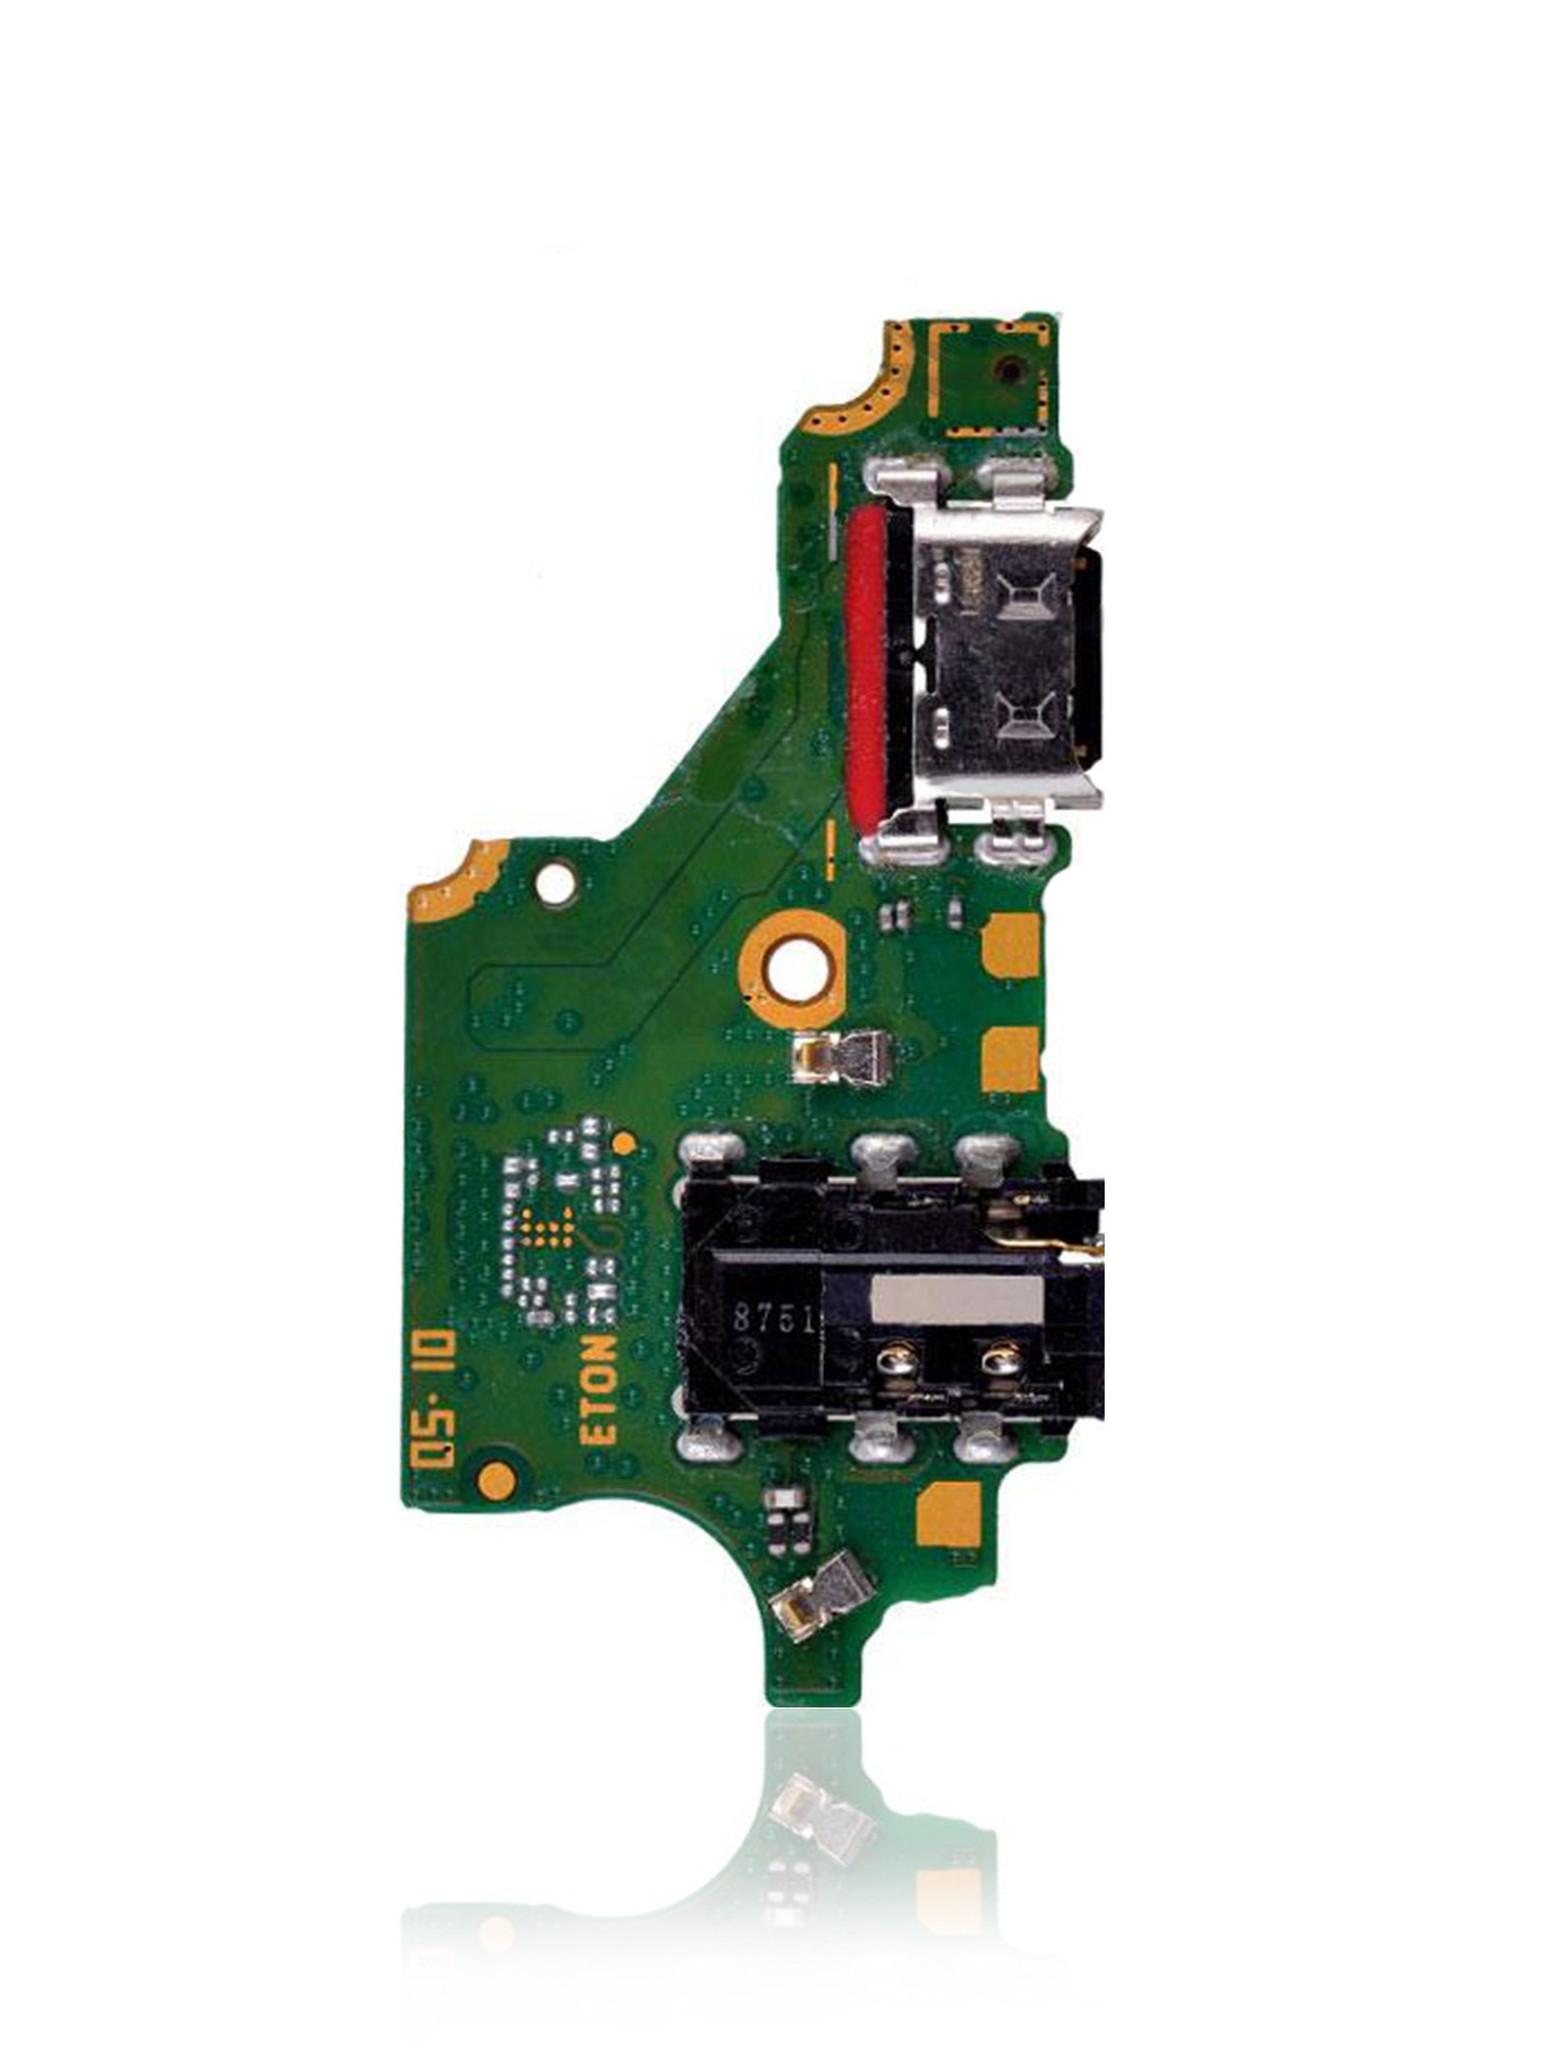 Huawei P20 Lite ANE-LX1 Charging Port + Microphone + Headphonejack Board